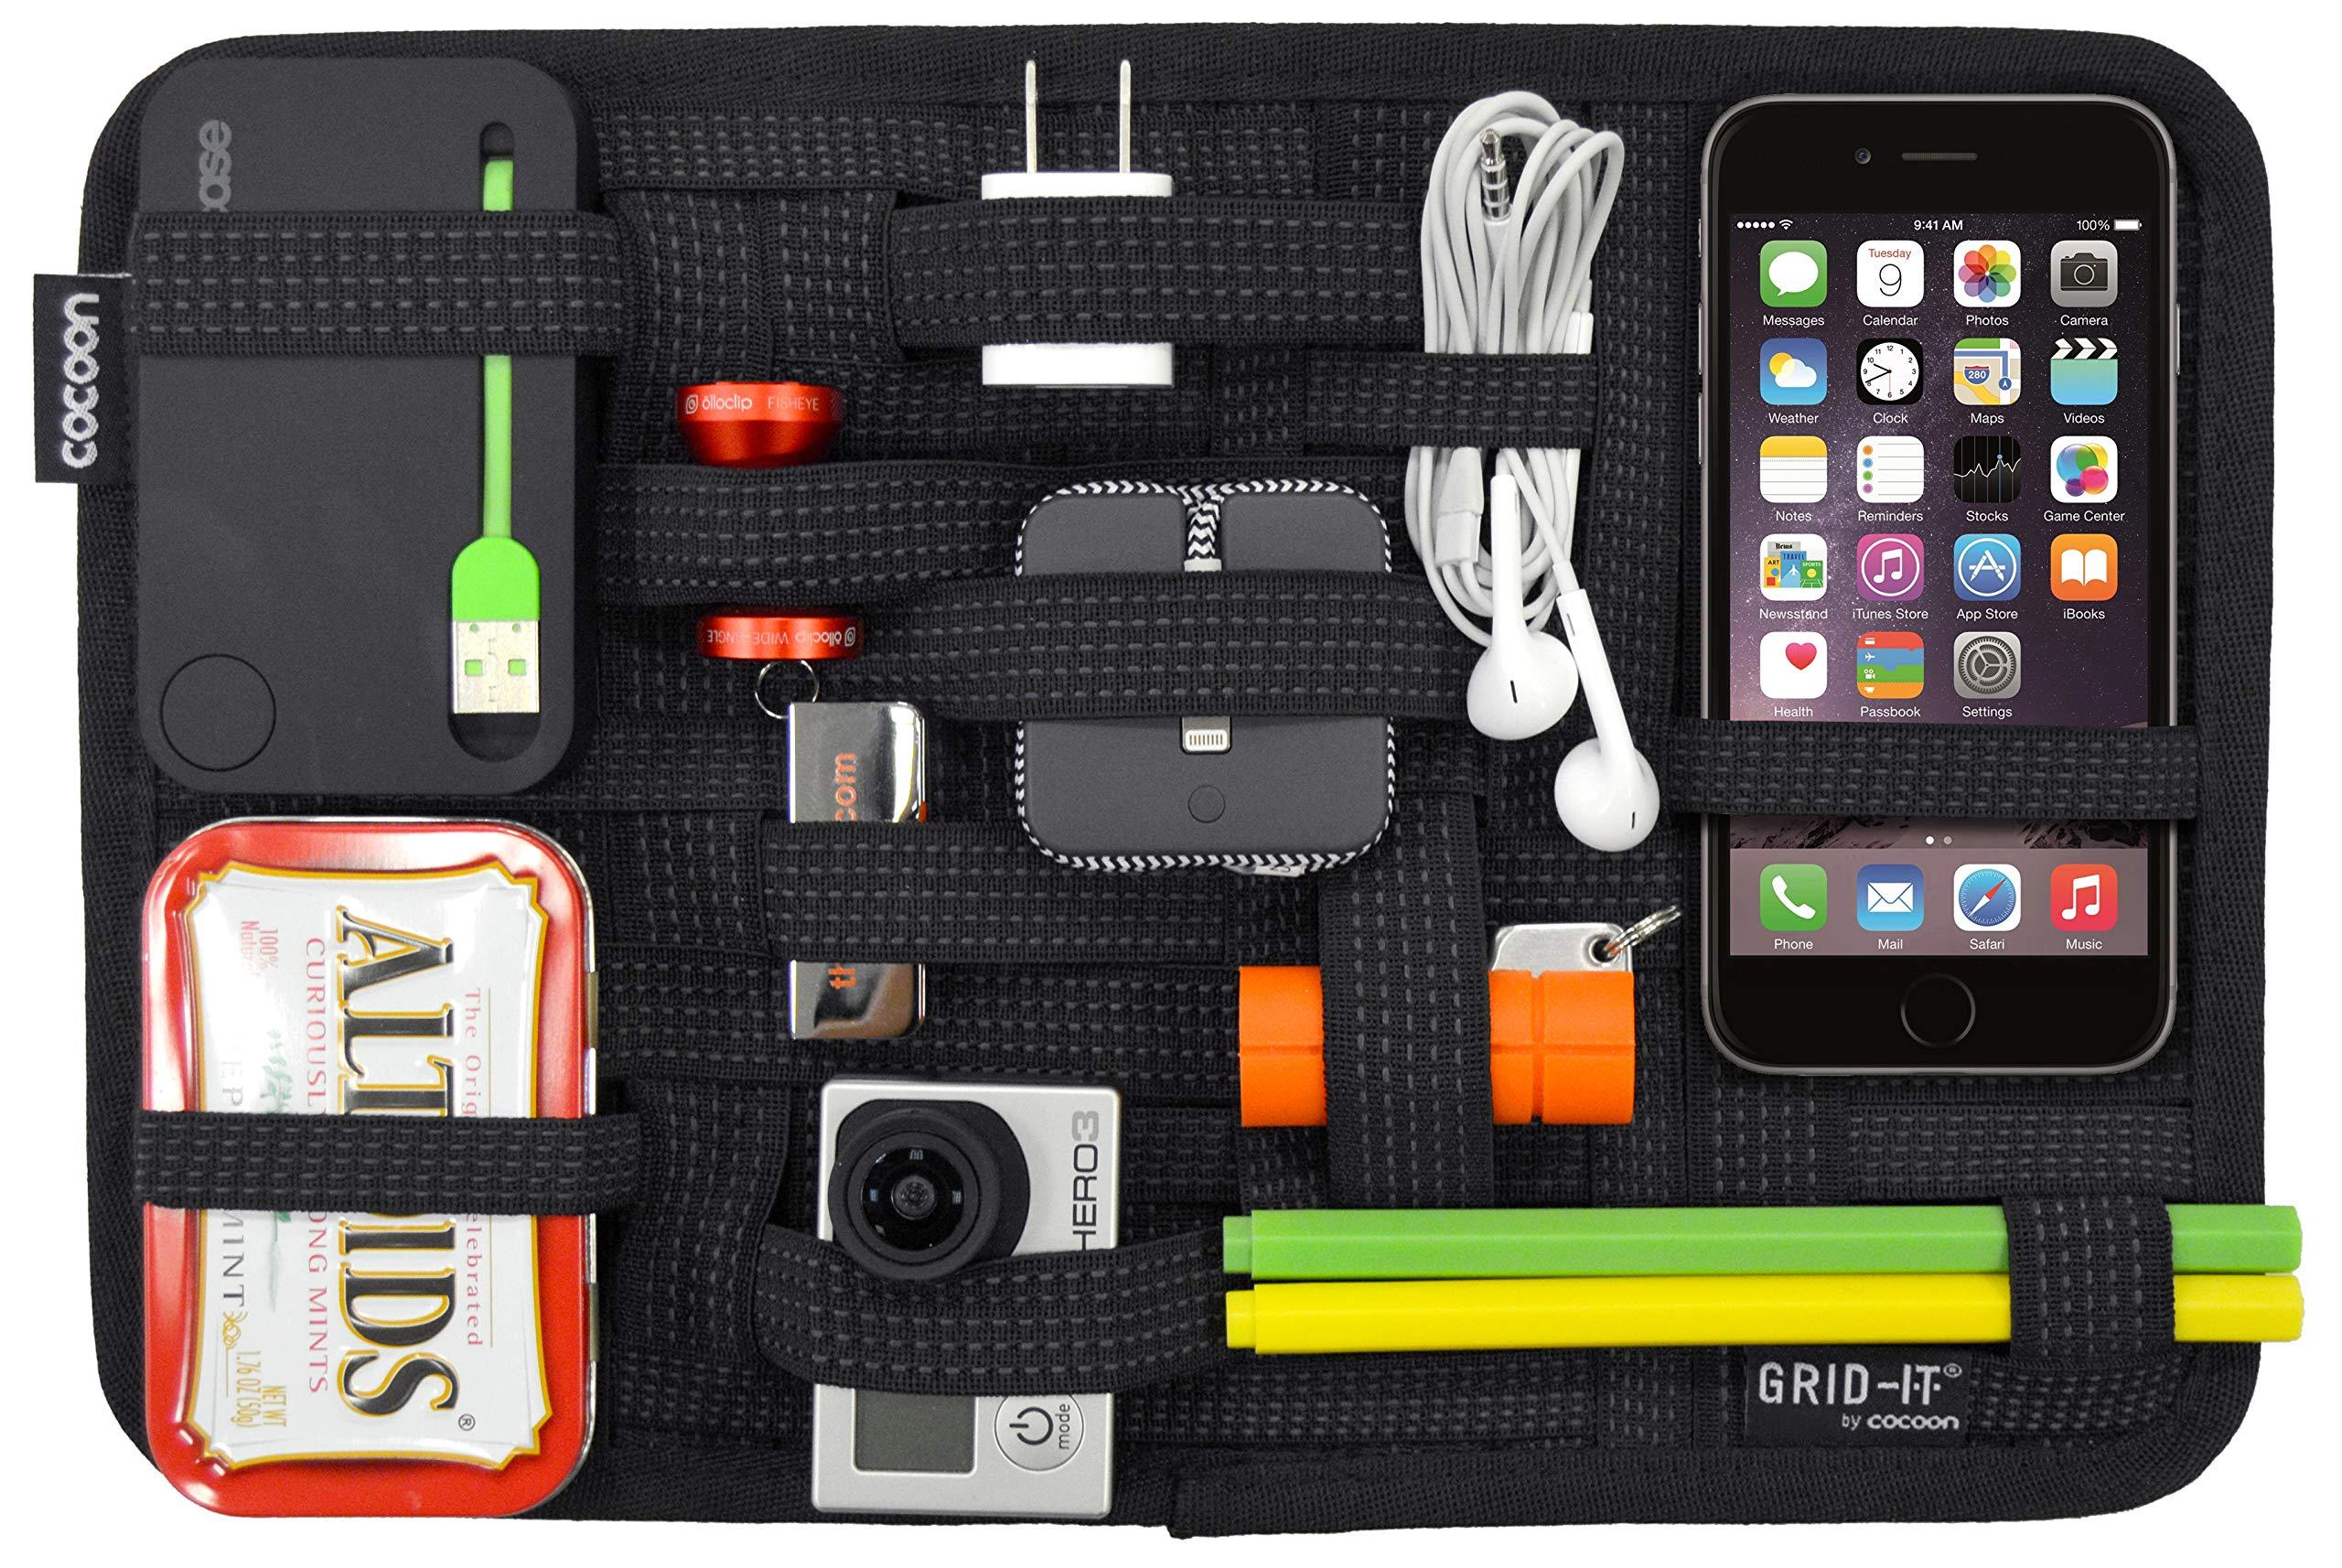 COCOON GRID-ITは、創造的なストレージプレートiPhone / Uディスクデータ回線キートラベルアクセサリーポータブルデジタルストレージ環境ファブリック仕上げ号ブラック